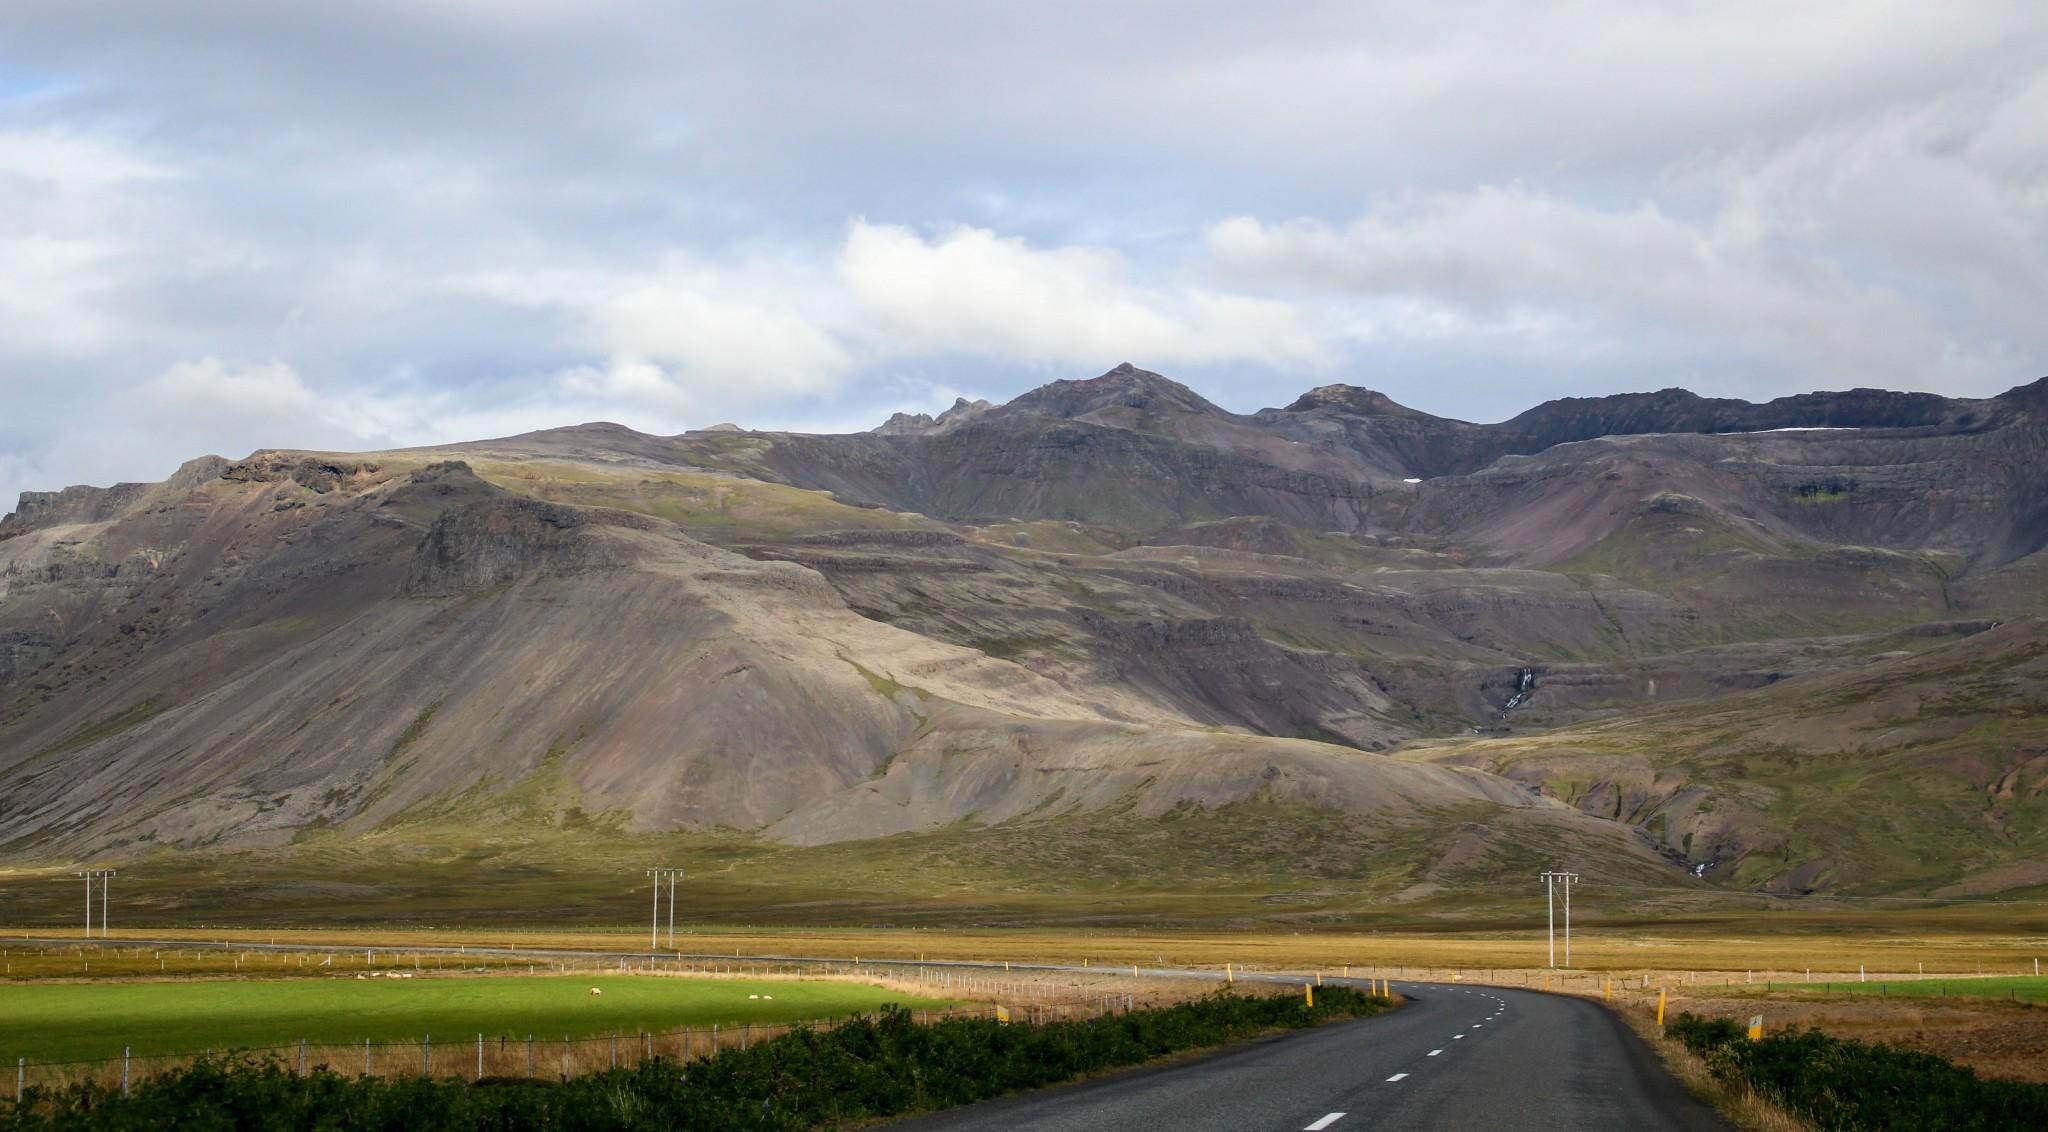 Onneksi ilma kirkastui, sillä niemen eteläpuolen maisemat lukeutuivat reissun upeimpiin